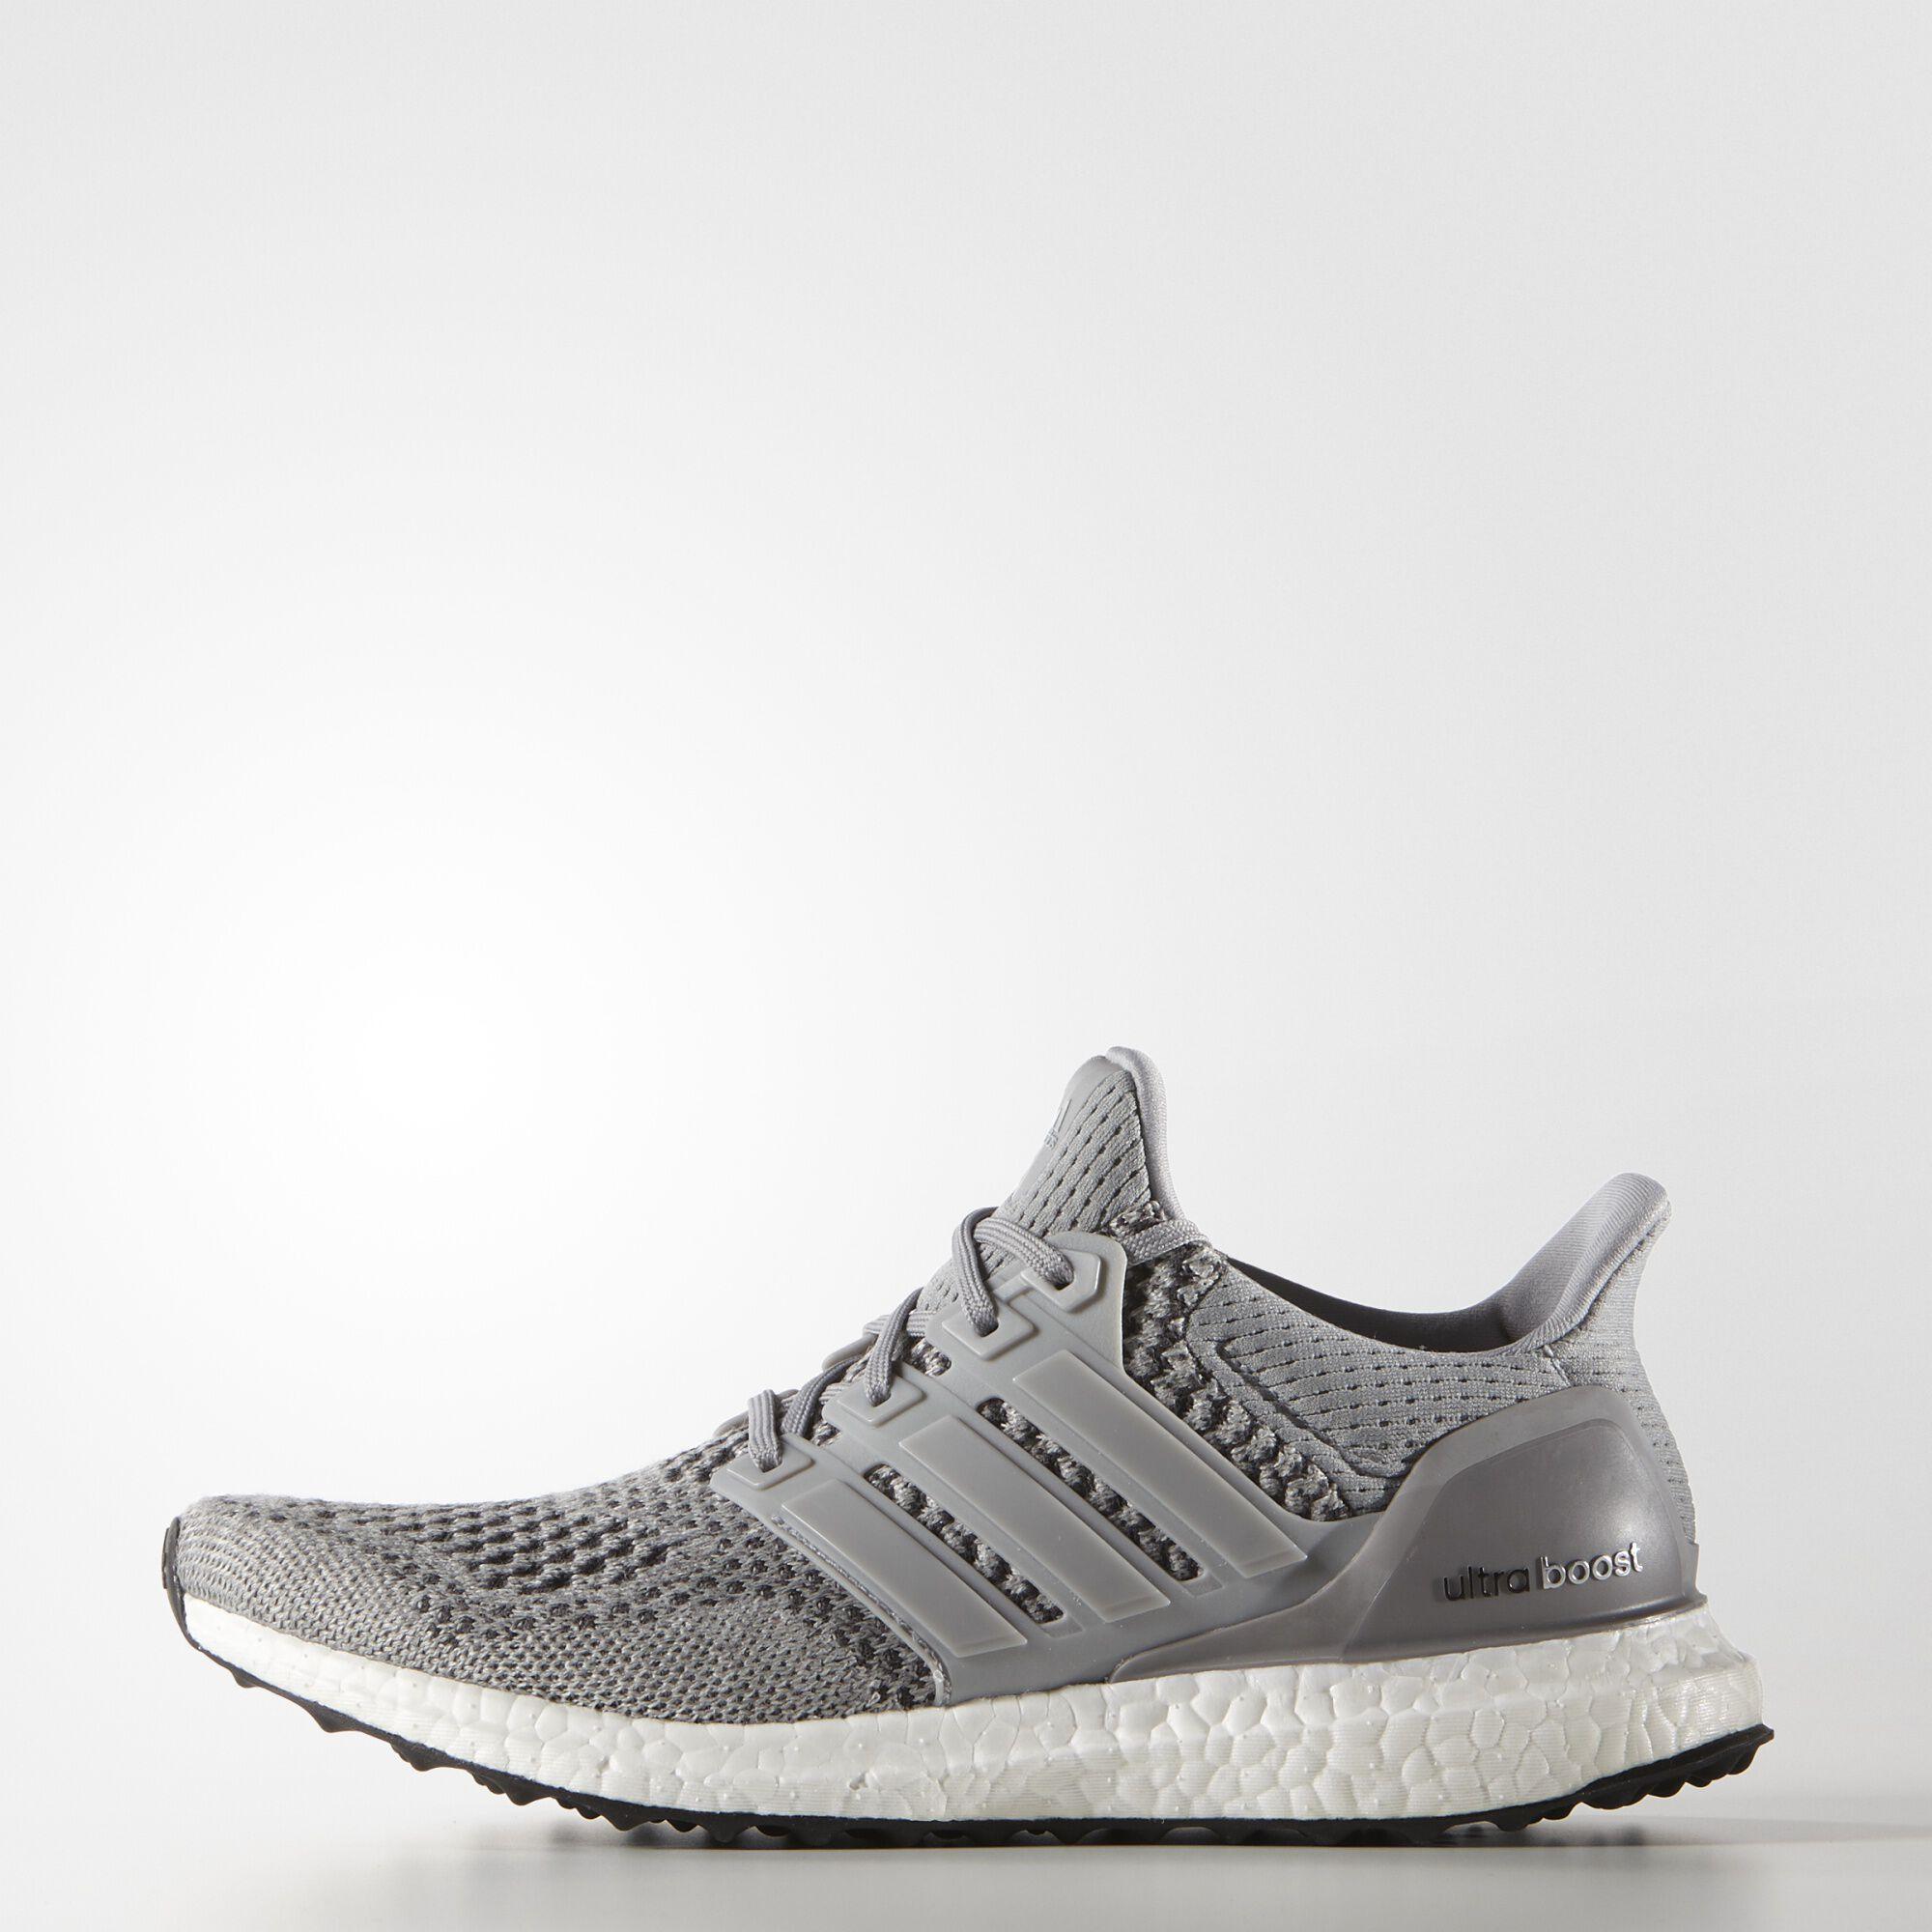 adidas ultra boost grey